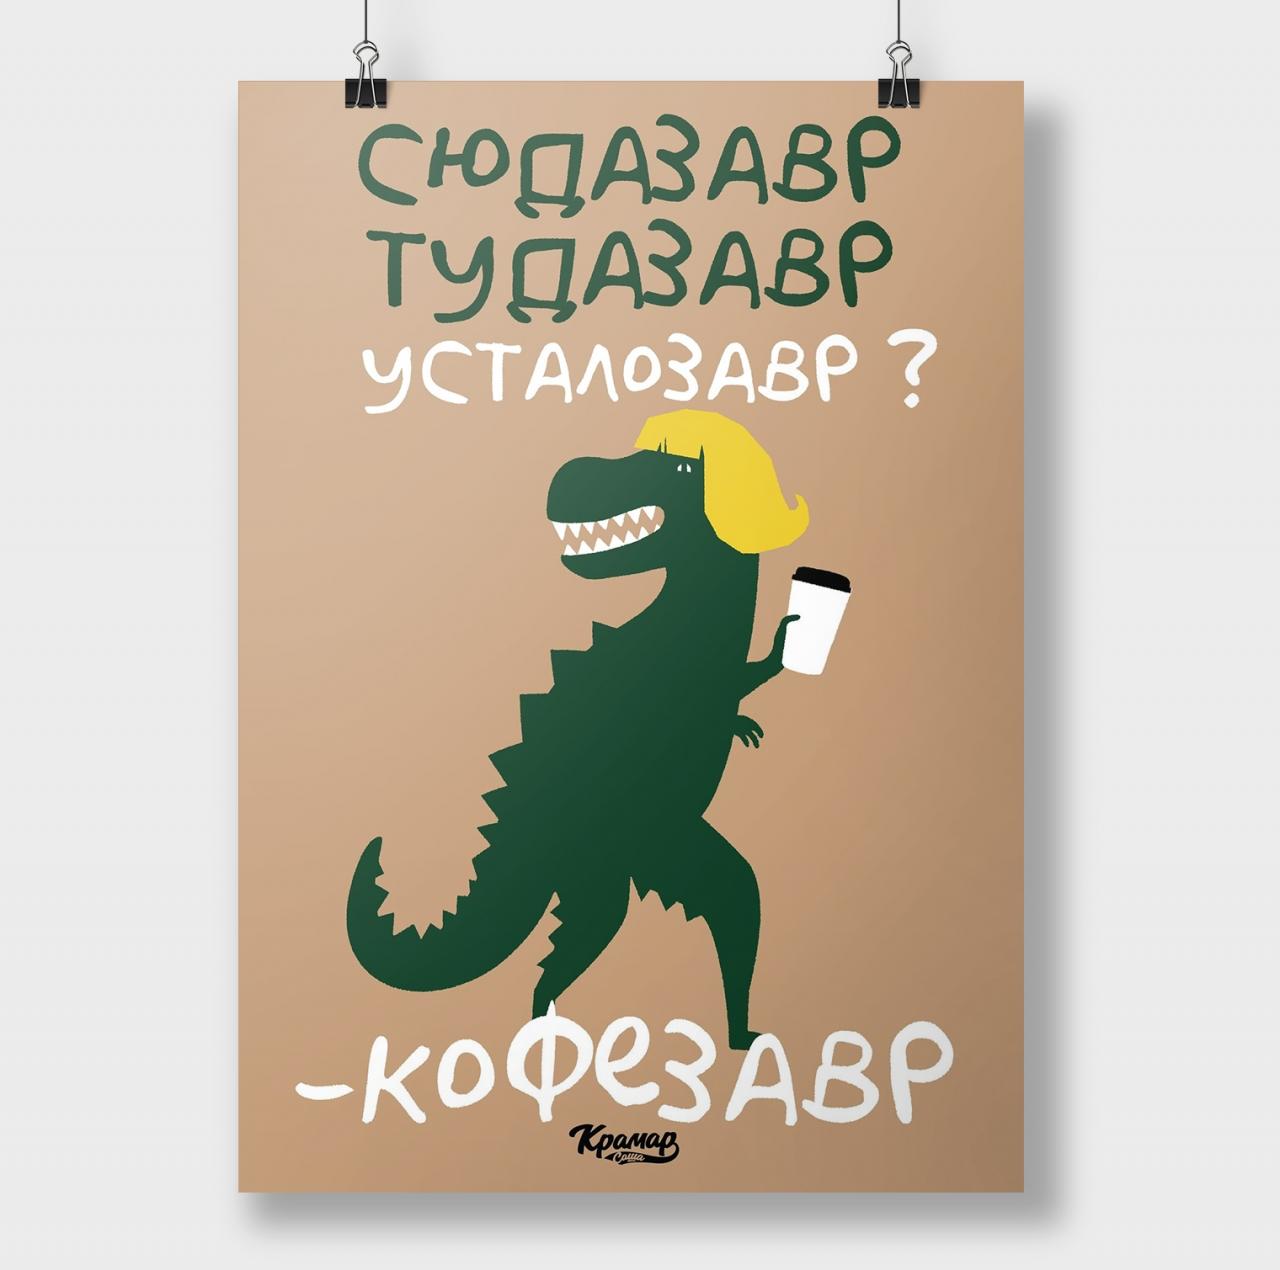 Сюдазавр — тудазавр. Усталозавр? — Кофезавр!